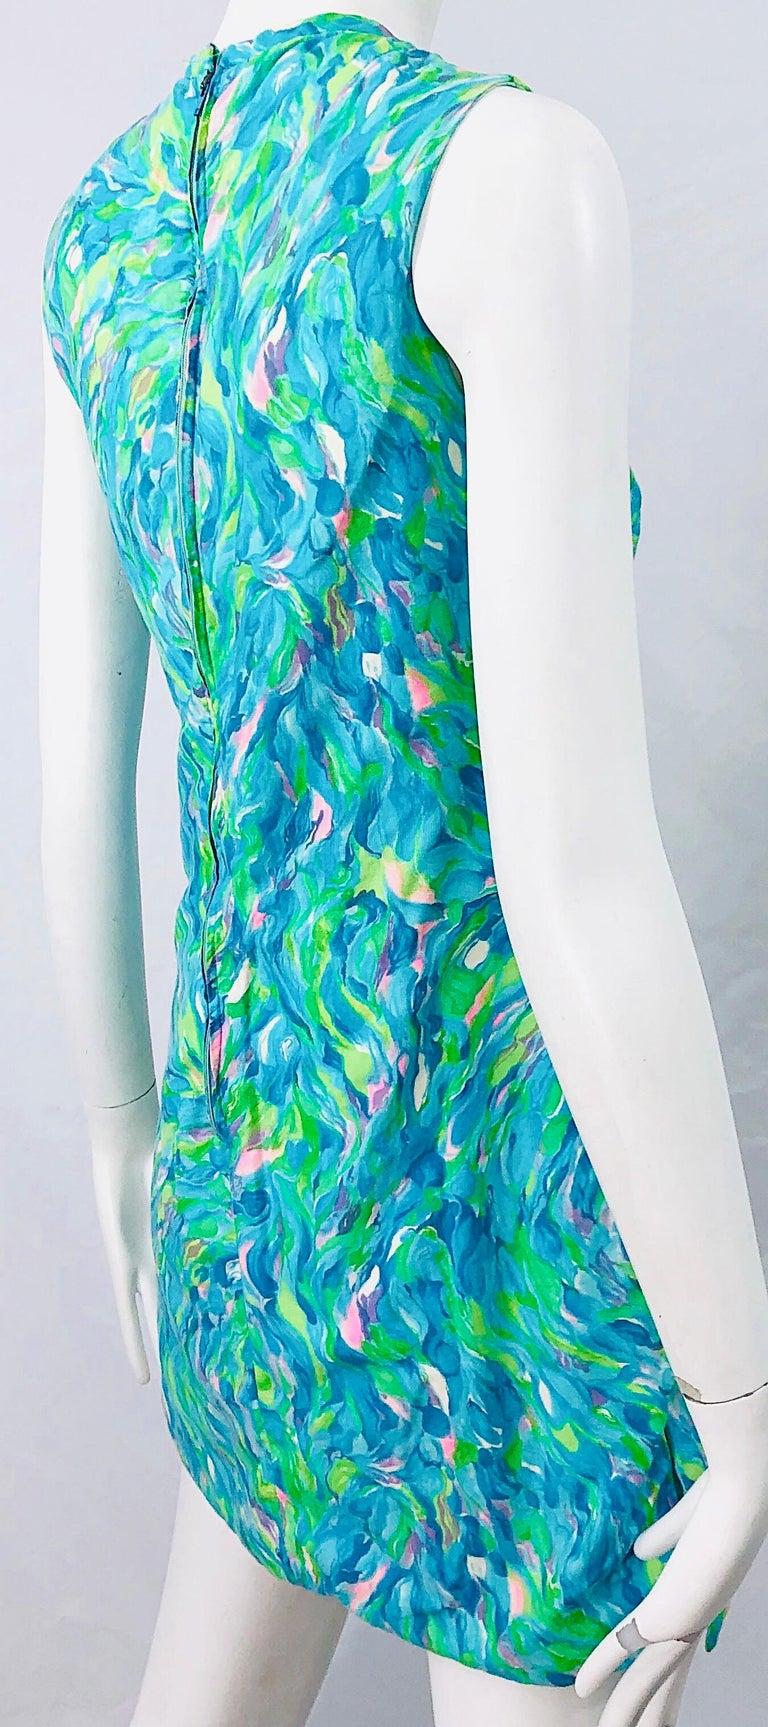 1960s Romper Watercolor Pastel Cut Out Cotton Vintage 60s Shift Dress Jumpsuit For Sale 7